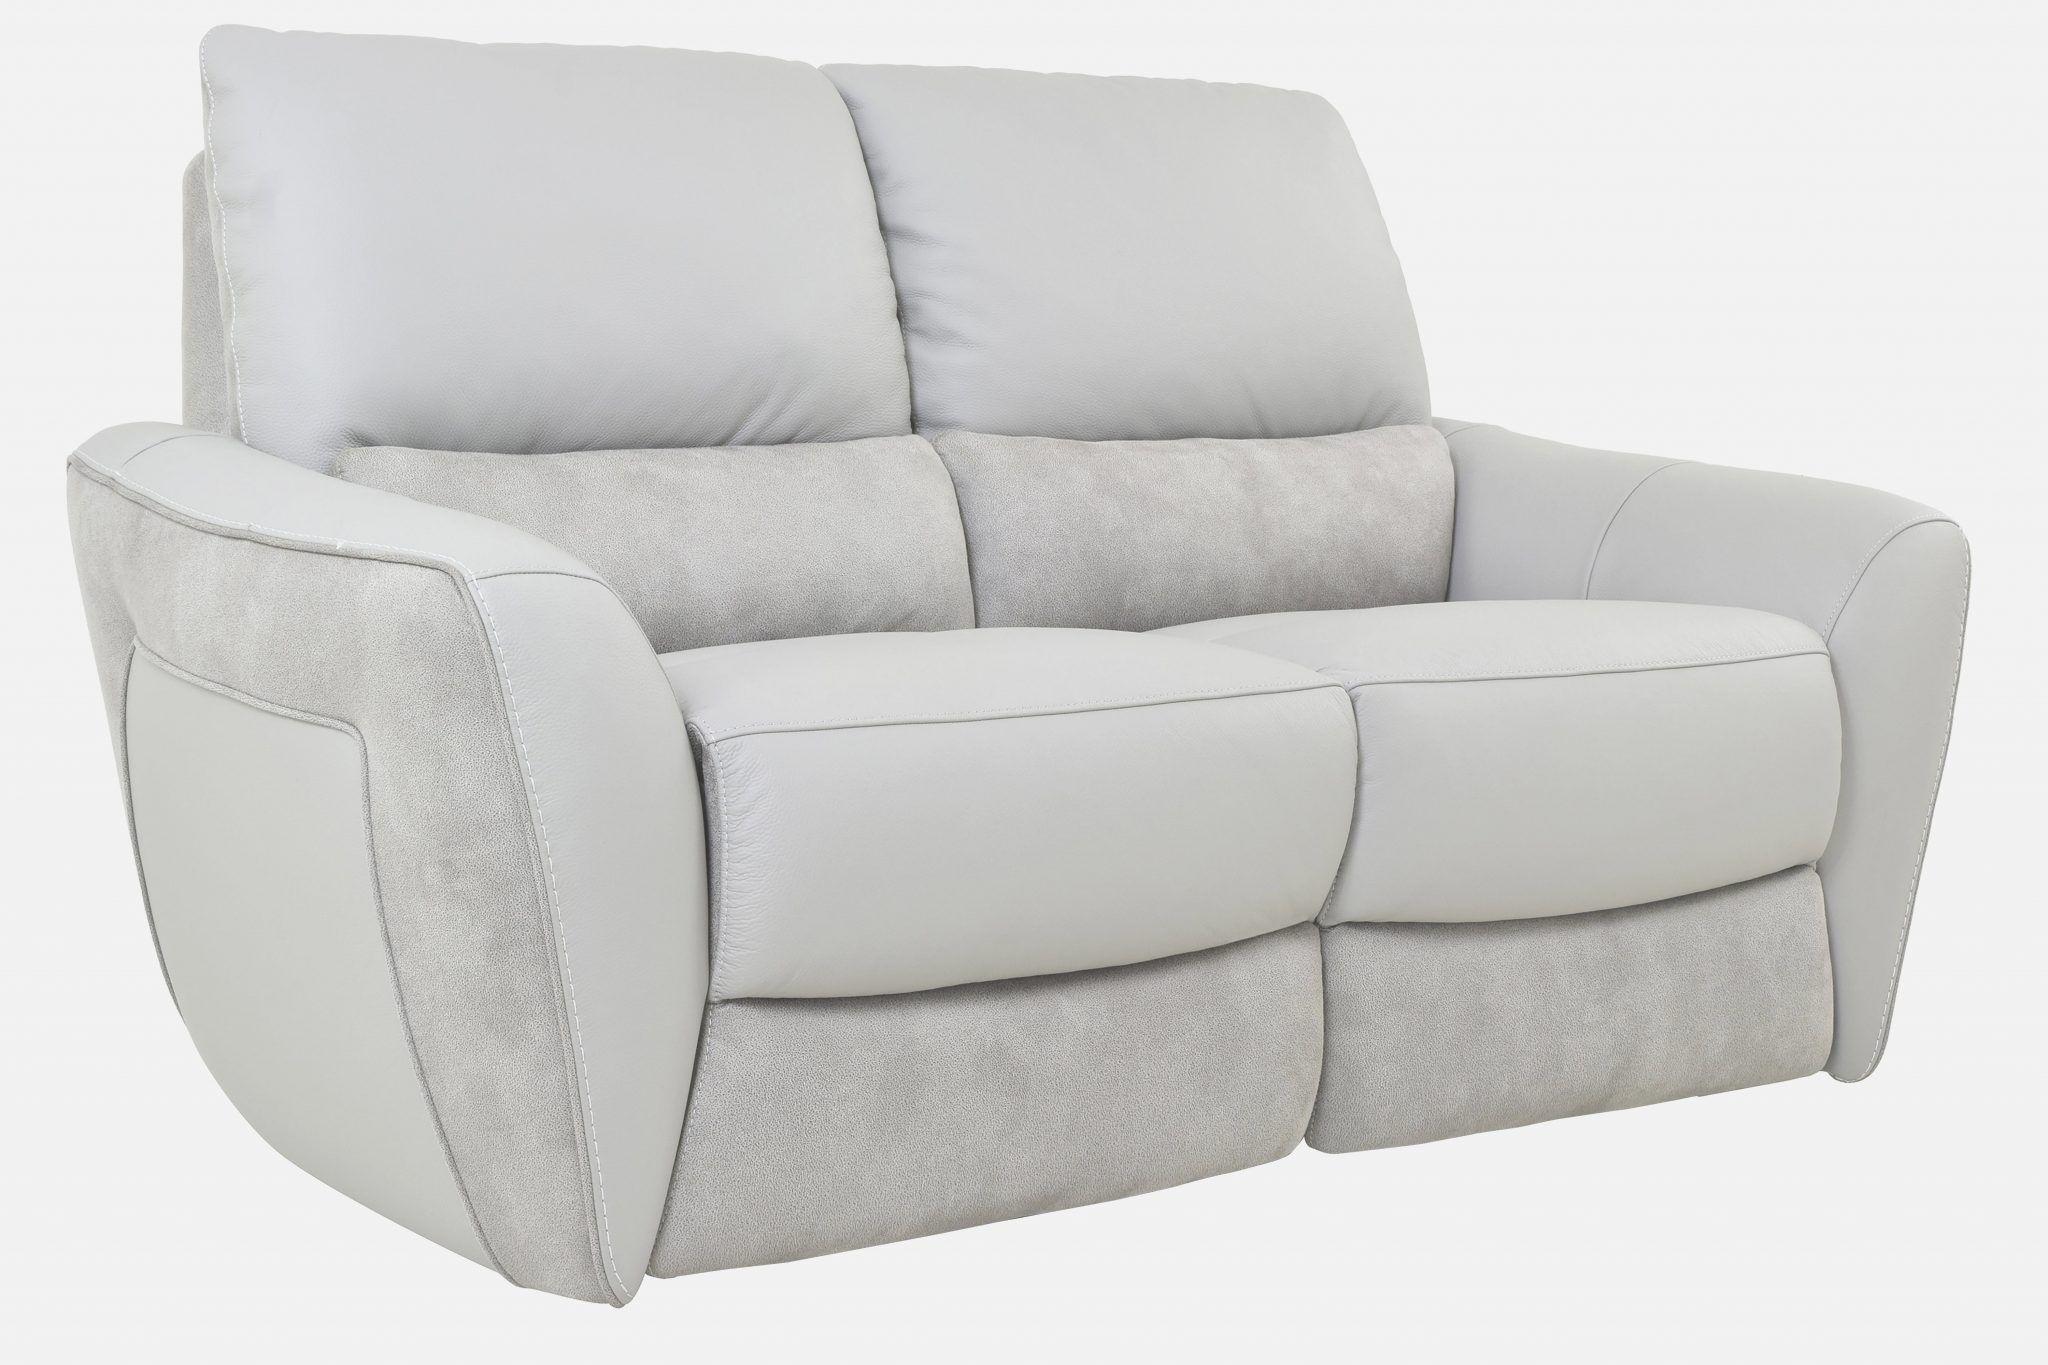 sofa for queen fletcher bed reviews sleeper topper foam bar no mattress memory s ii